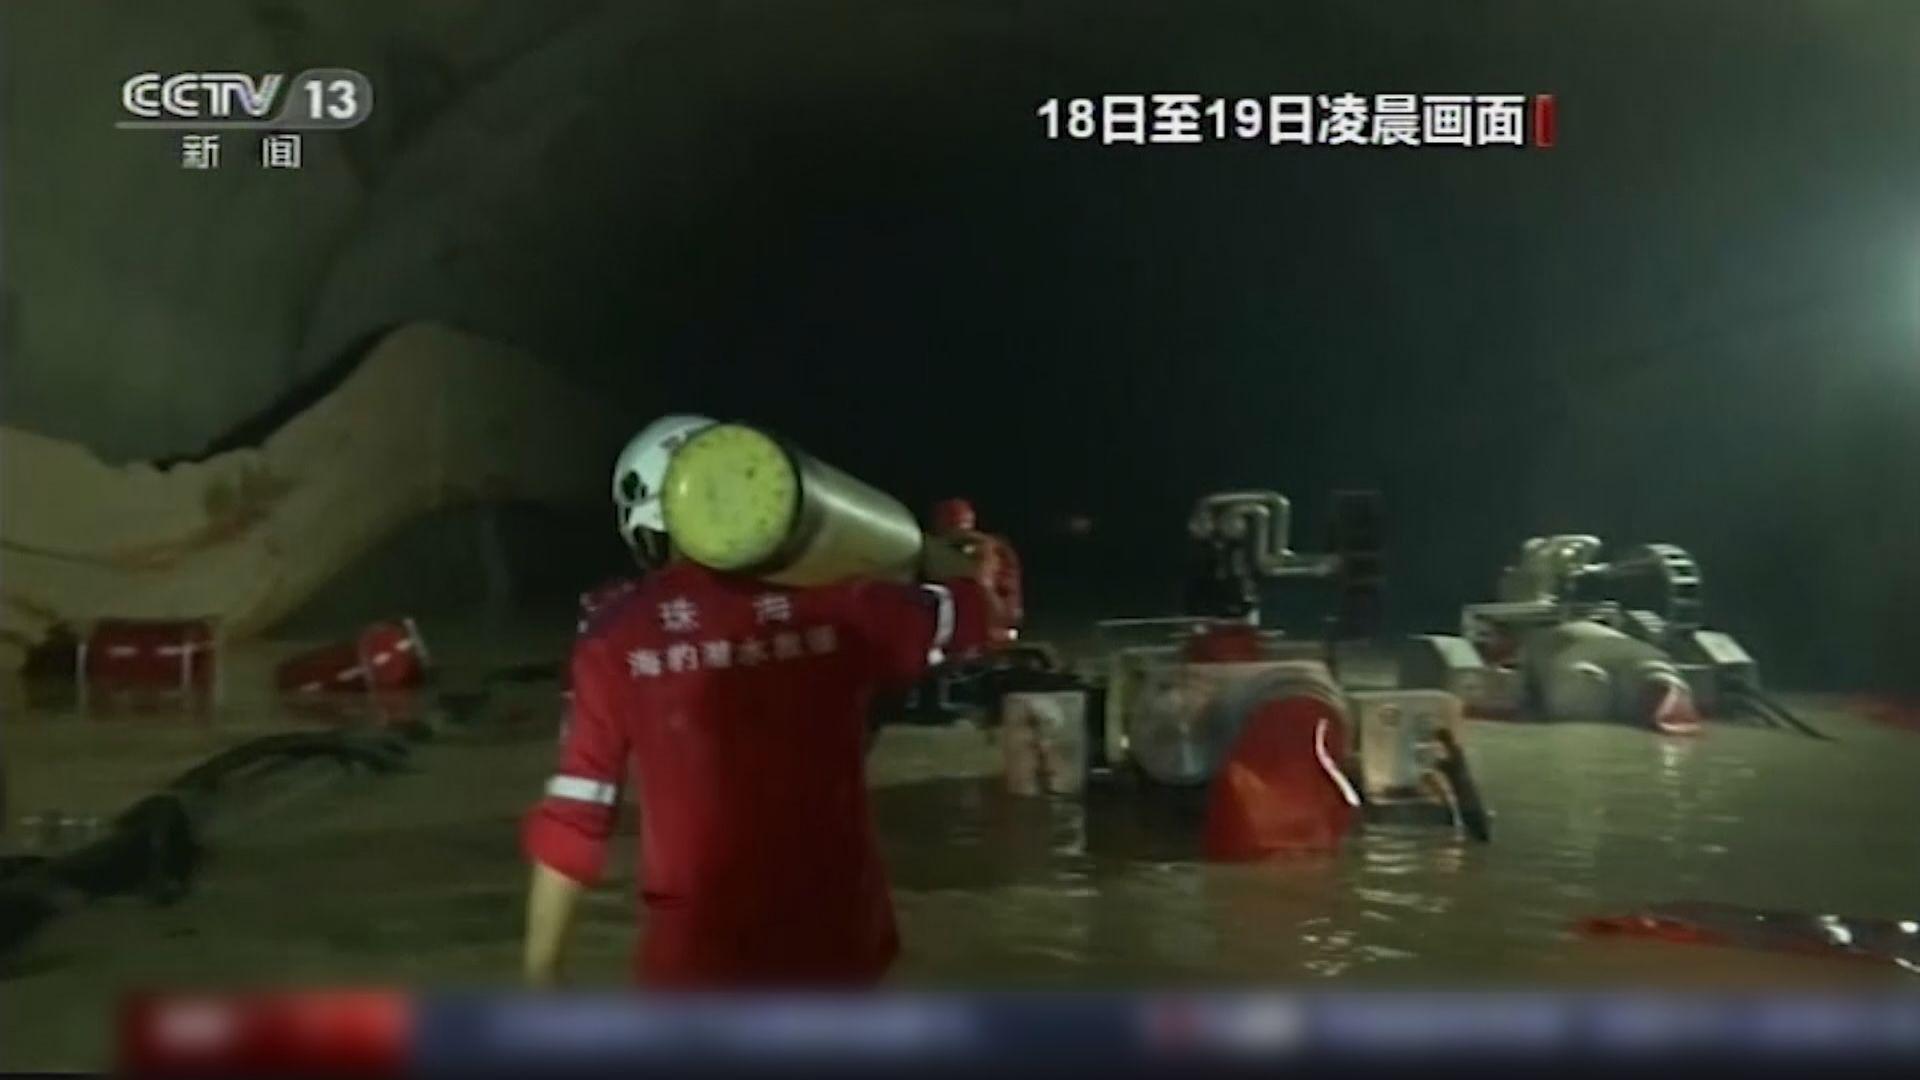 珠海隧道透水事故 當局尋獲兩具屍體